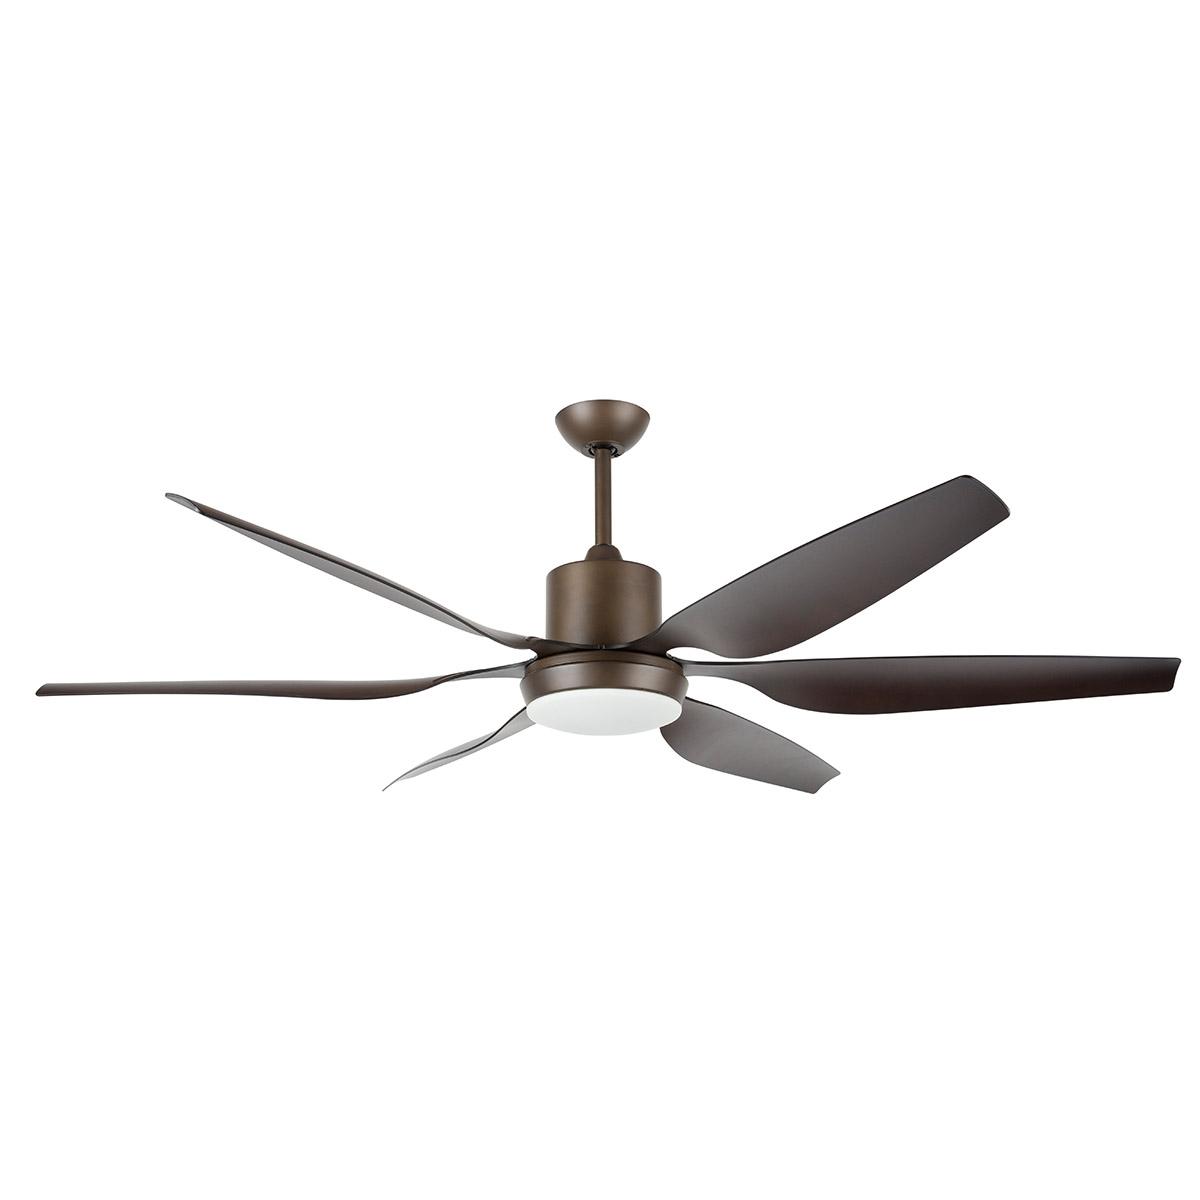 decorative ceiling fans photo - 8